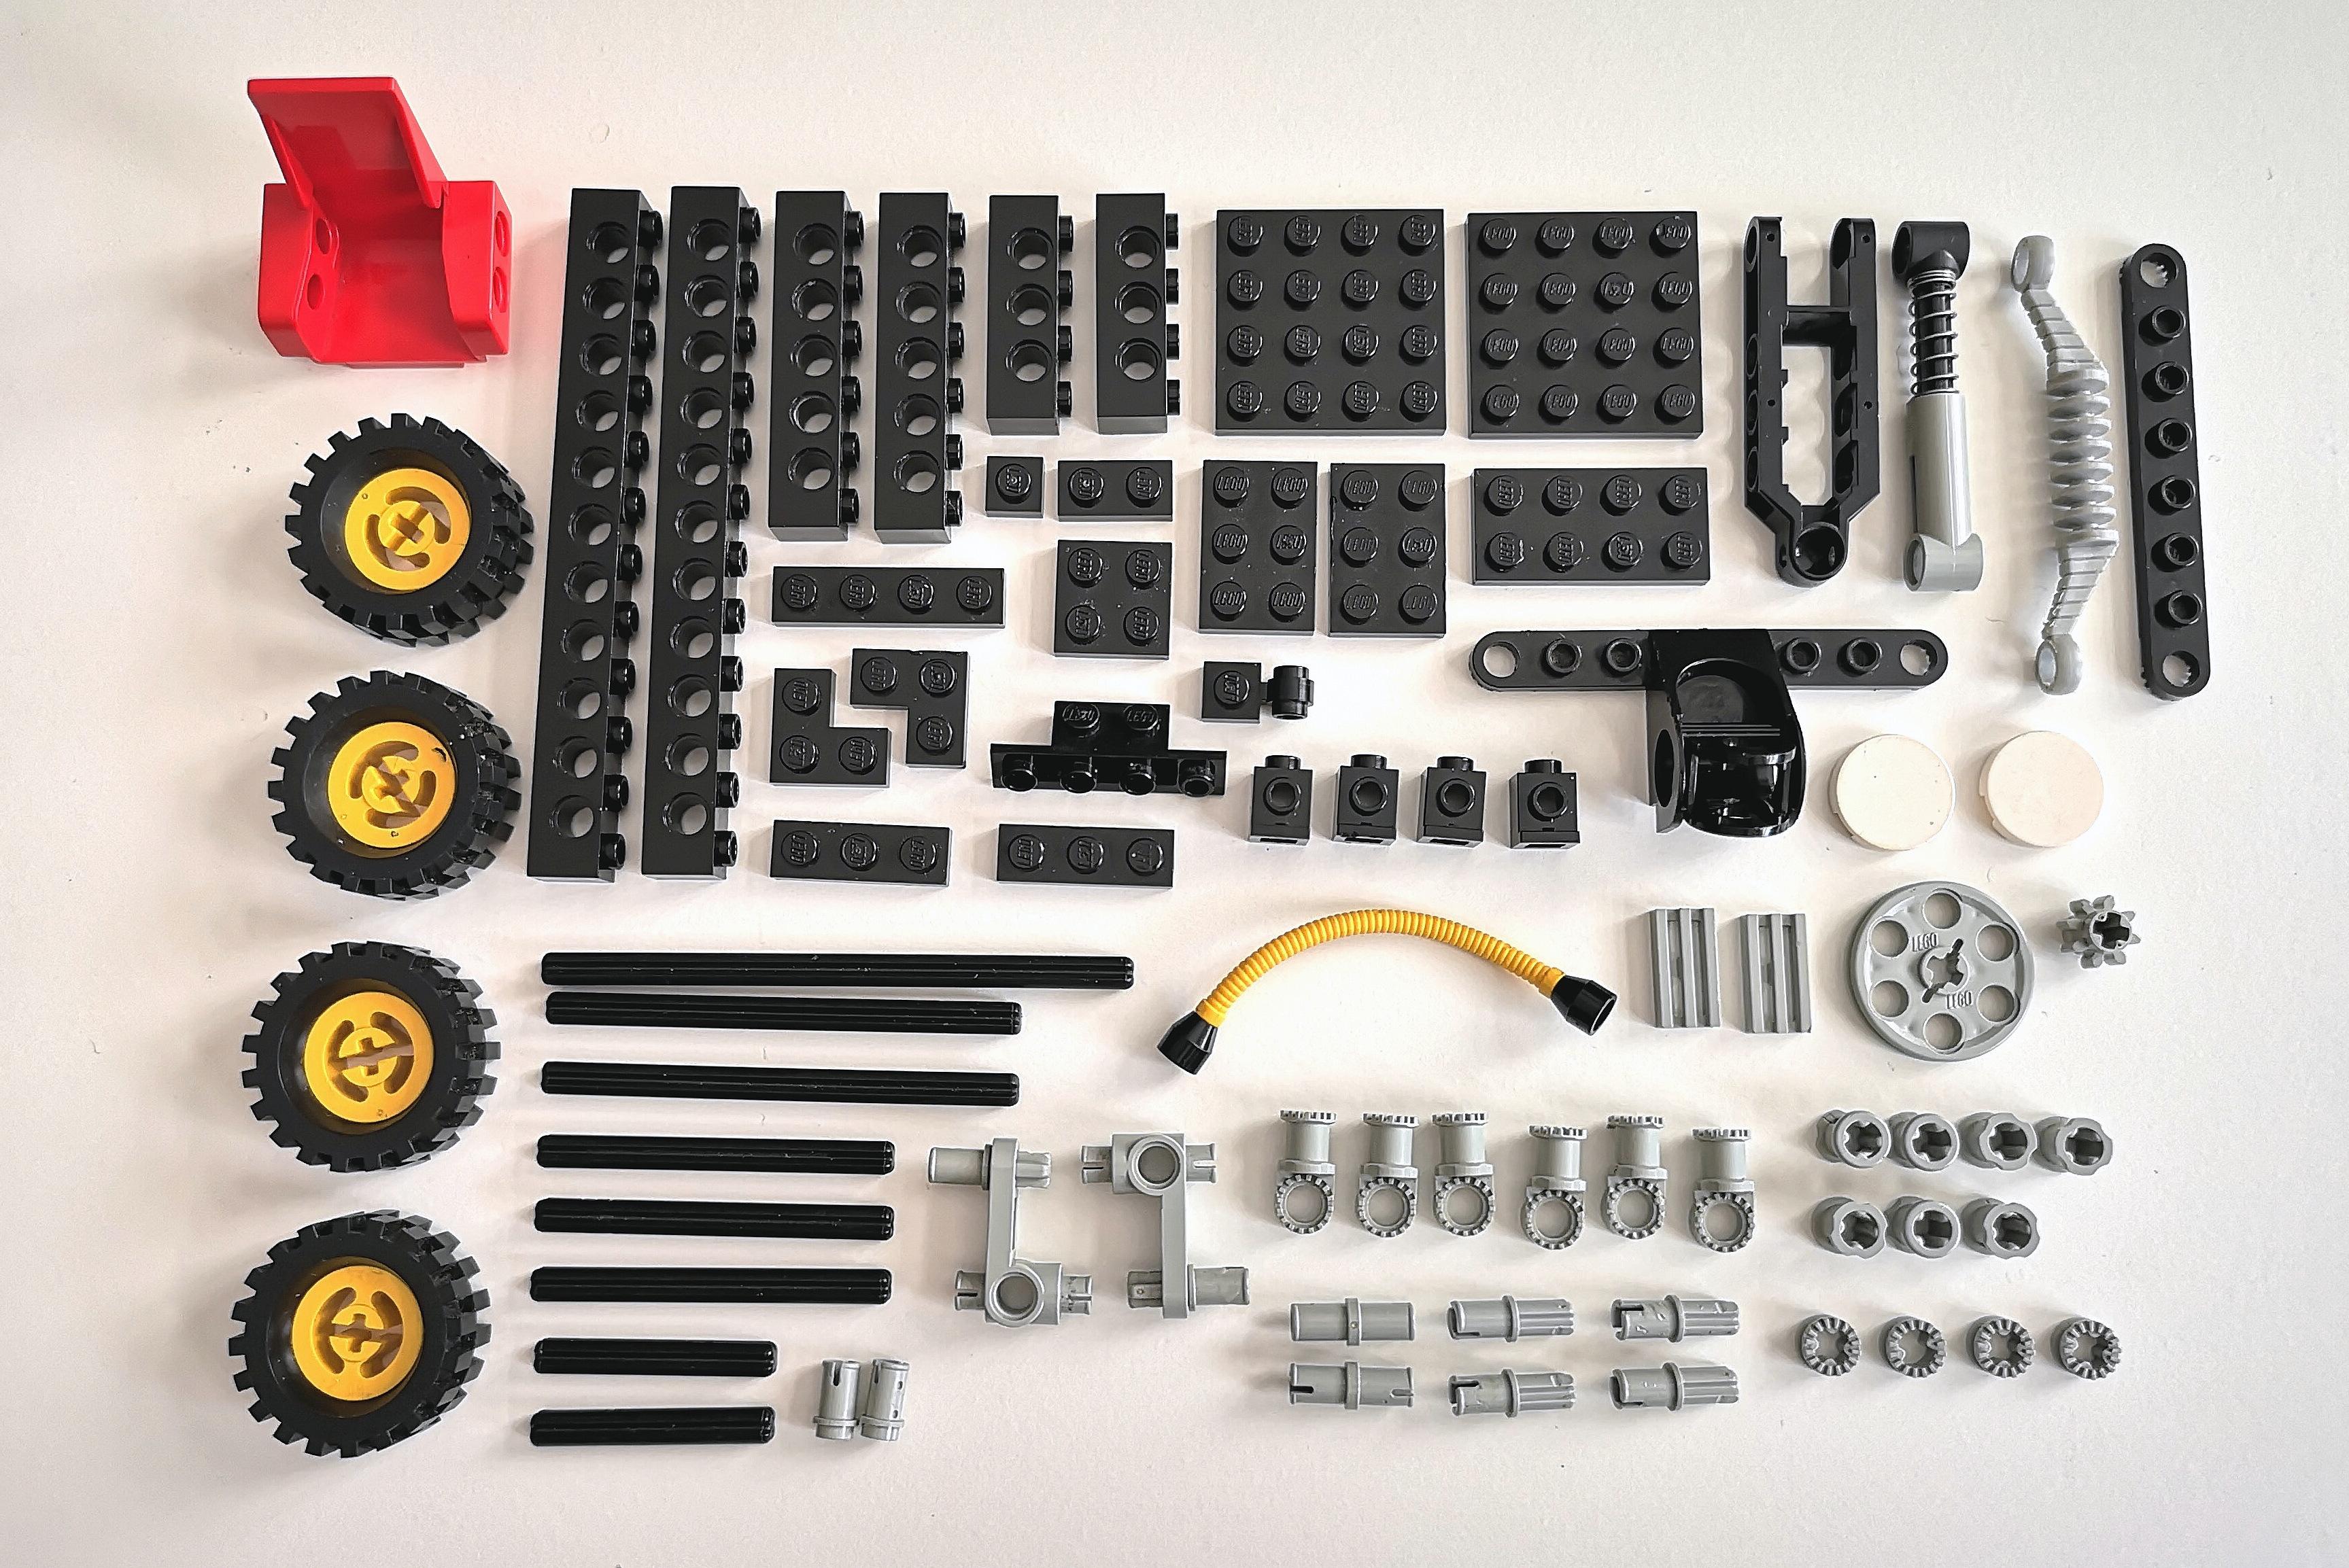 LEGO Set 8832 alle Teile auf einen Blick